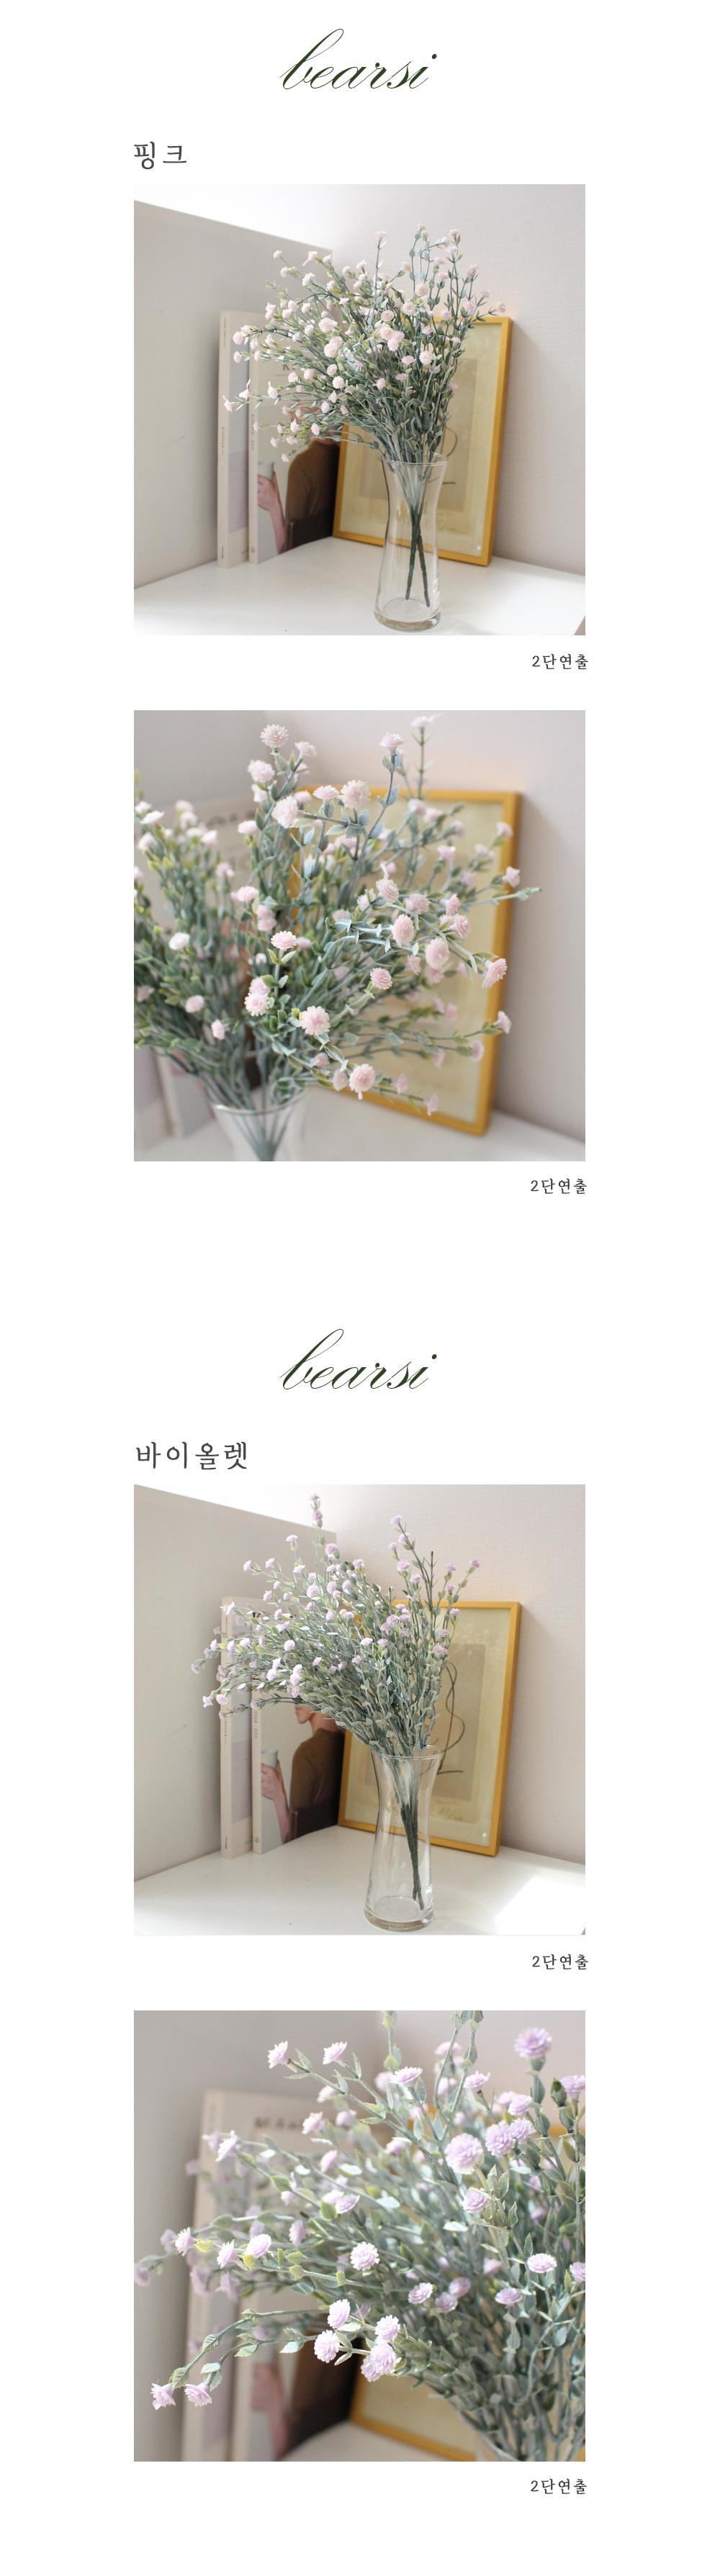 파스텔 안개꽃 조화부쉬 인테리어 조화꽃장식(4color) - 베아르시, 6,900원, 조화, 부쉬